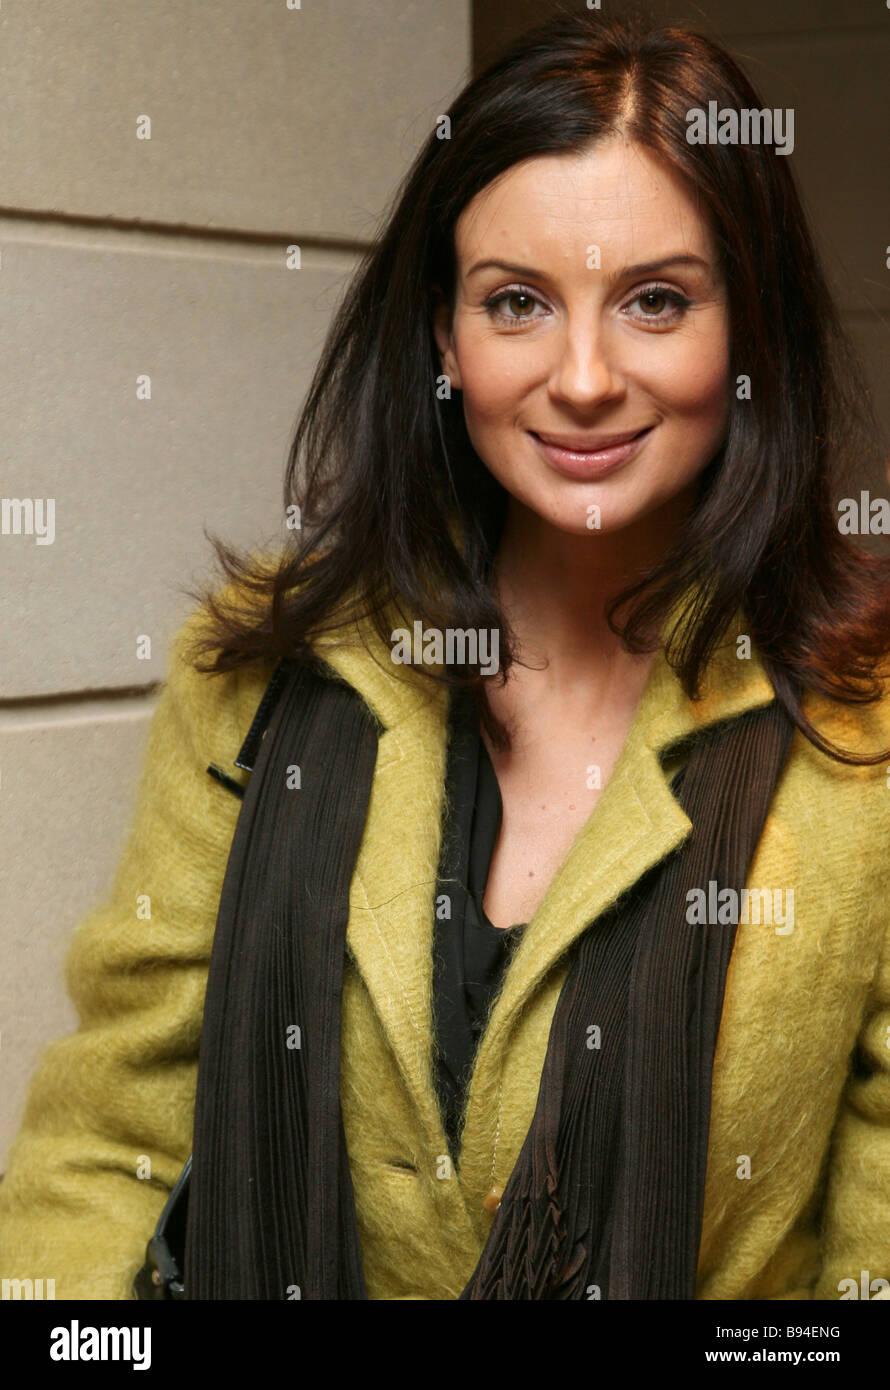 Crocus Un atelier couture boutique a ouvert à Moscou l'actrice et présentatrice de télévision Photo Stock